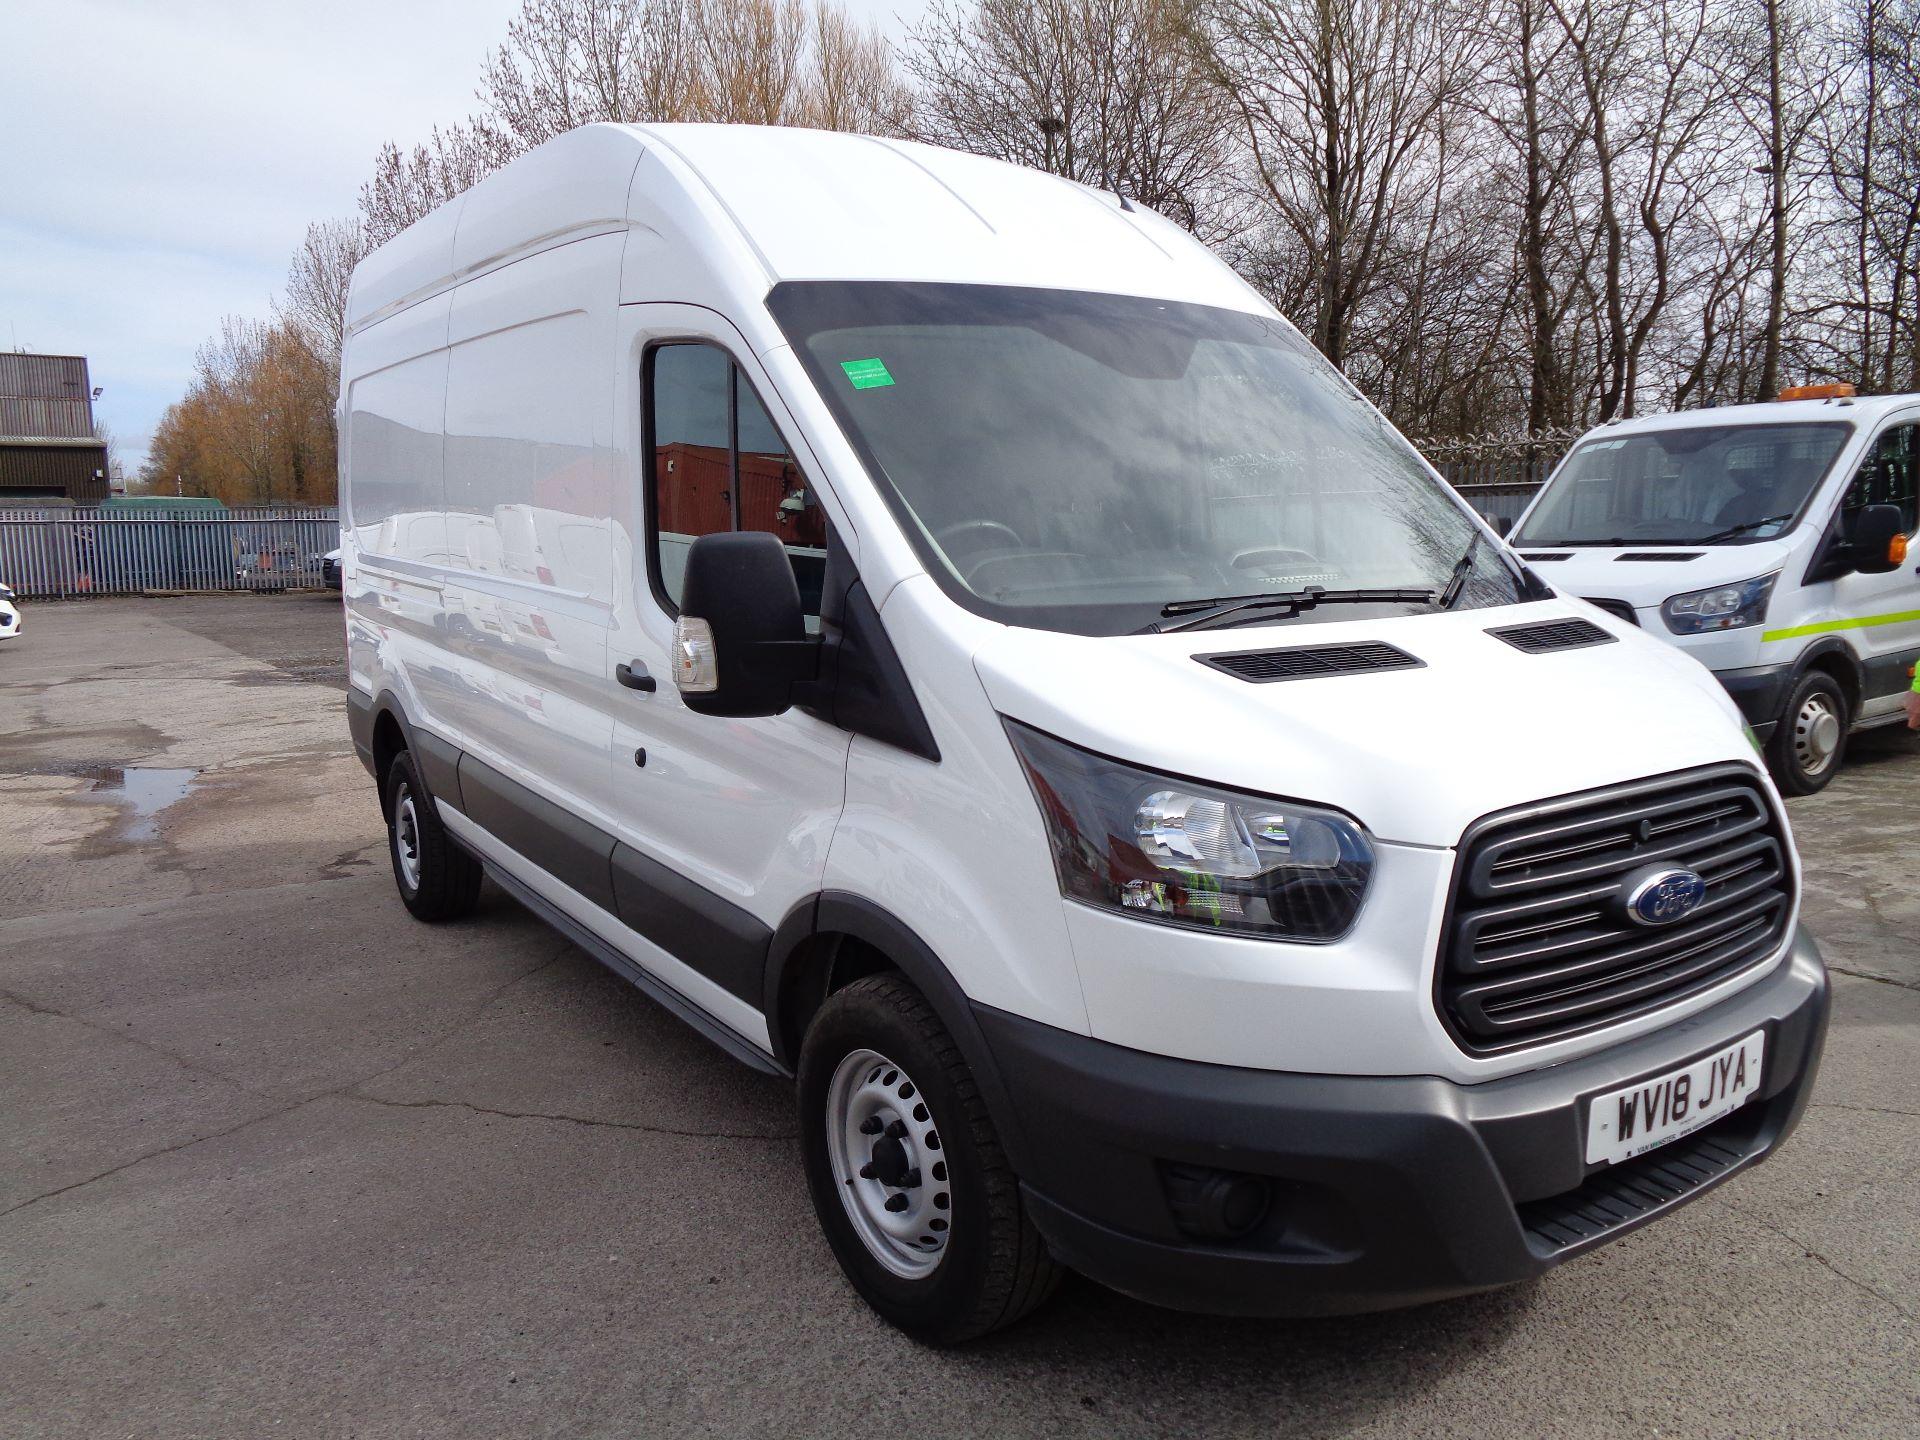 2018 Ford Transit L3 H3 VAN 130PS EURO 6 (WV18JYA)